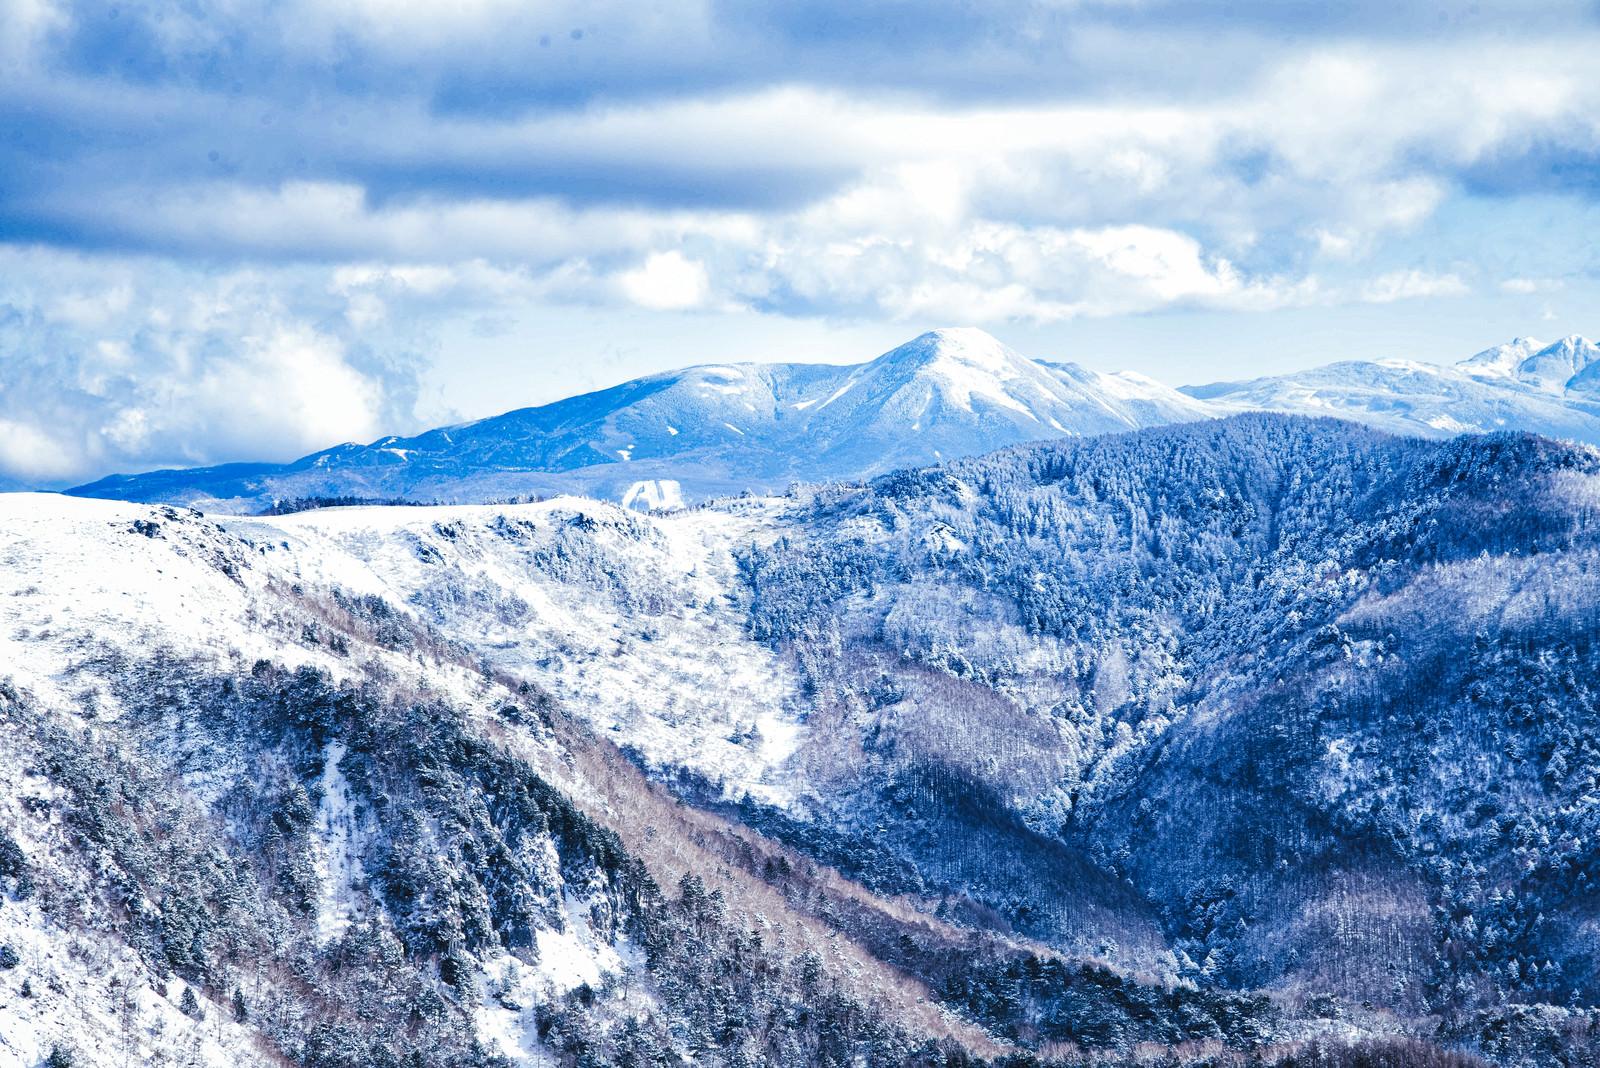 「美ヶ原から望む蓼科山(タテシナヤマ)」の写真